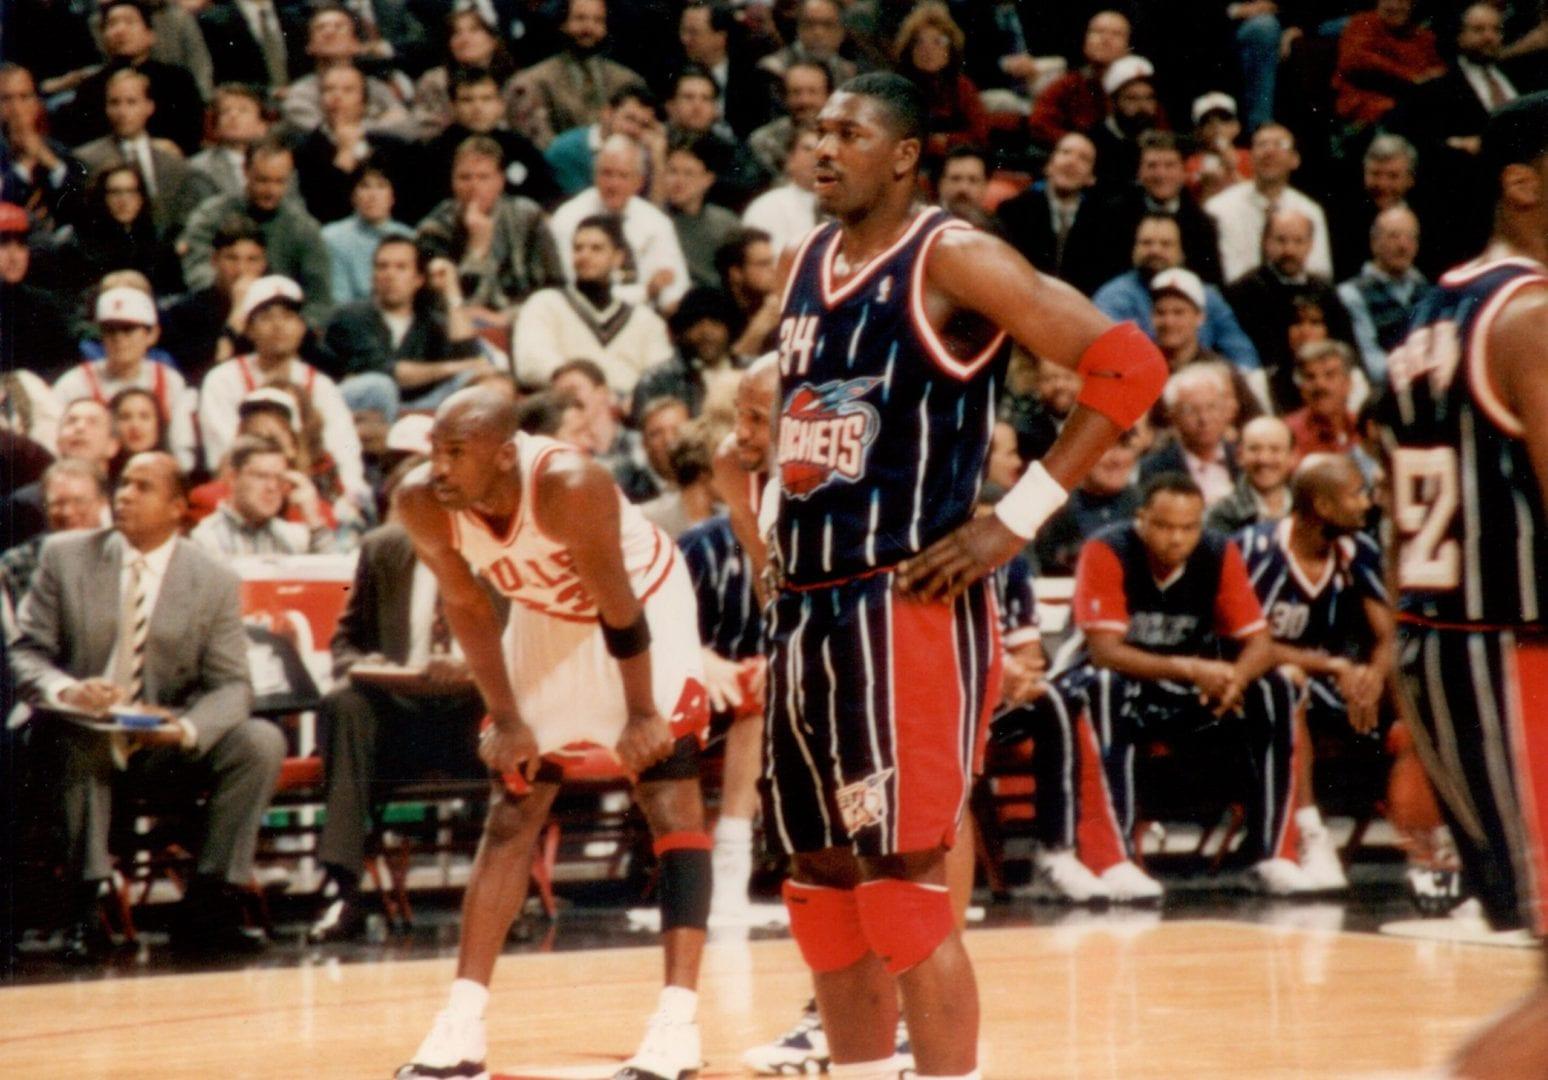 Michael Jordan and Hakeem Olajuwon